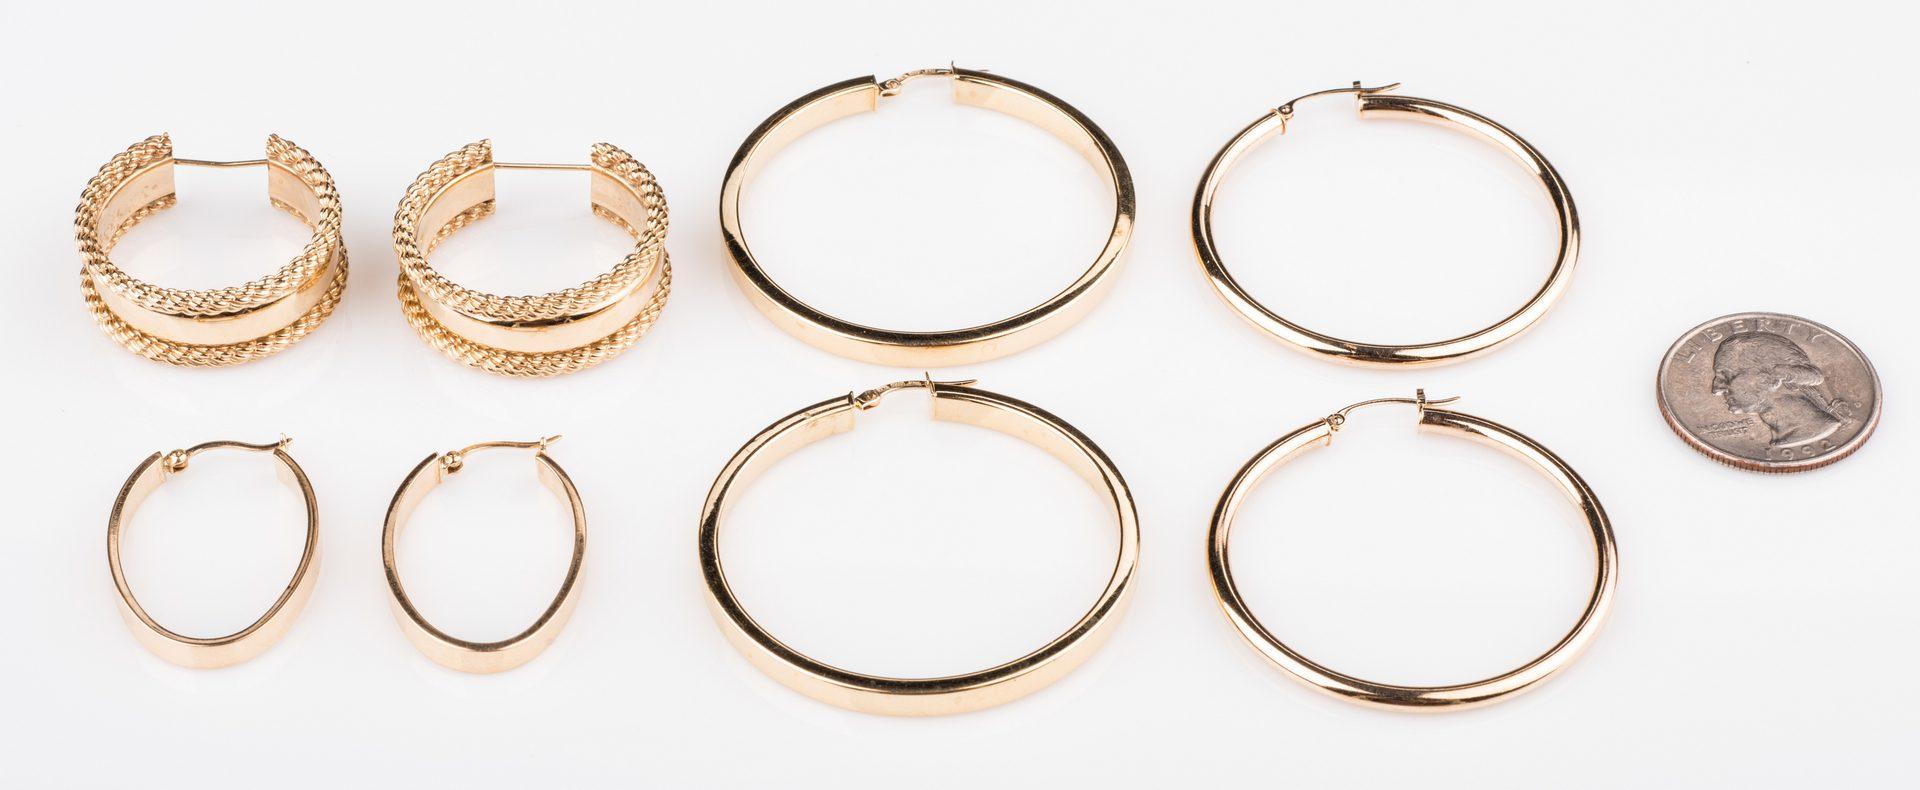 Lot 669: 4 Pair 14K Hoop Earrings, 19.8 grams